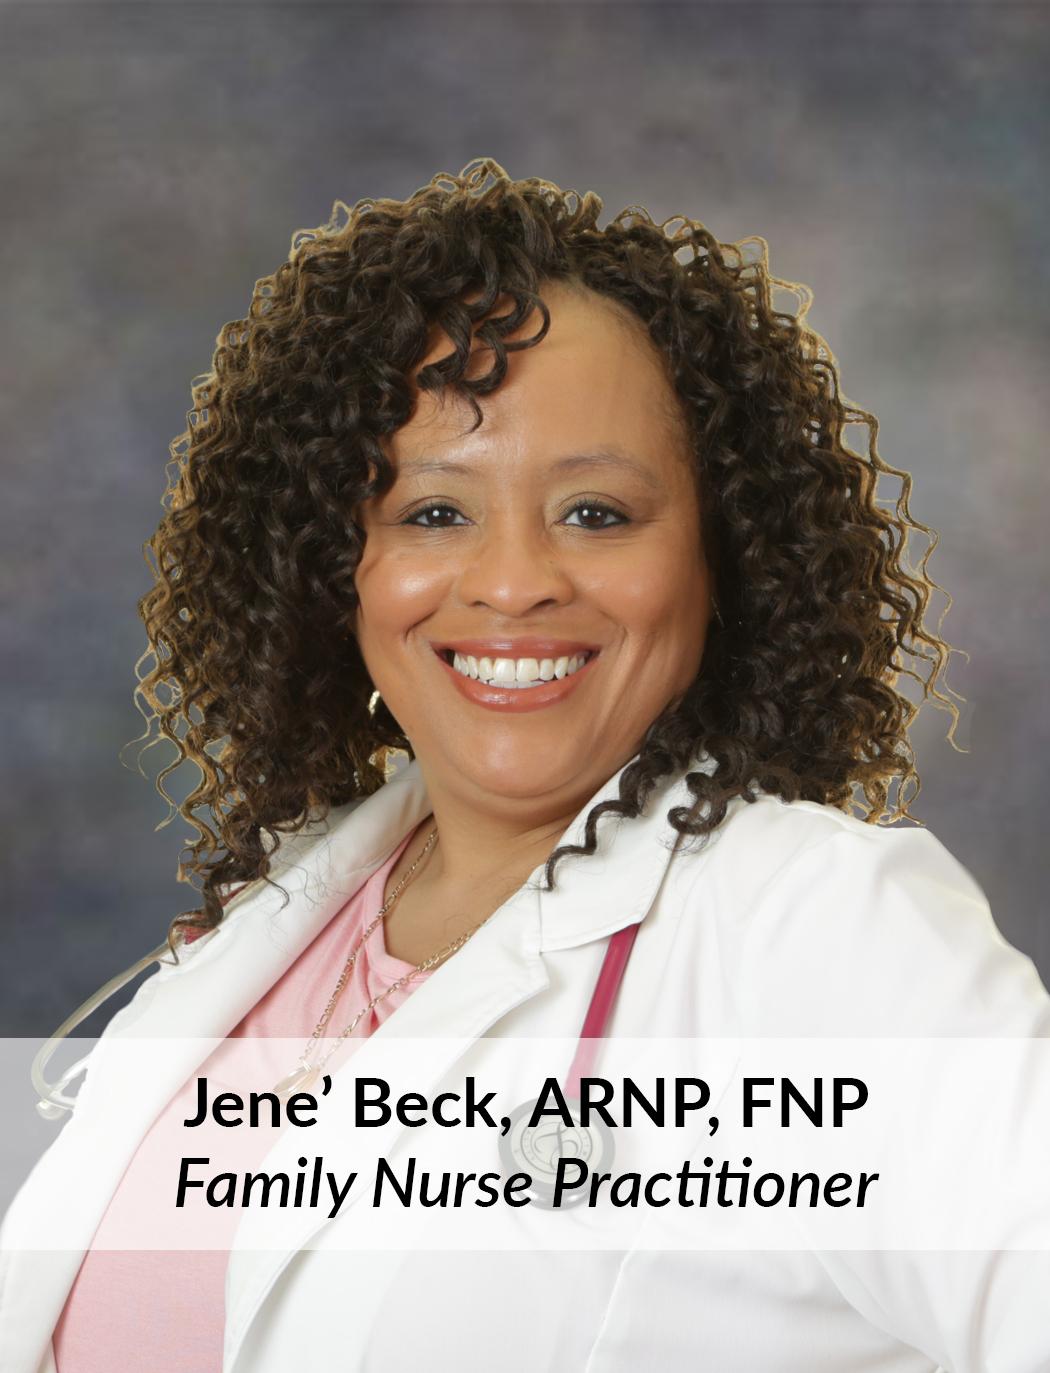 Jene' Beck Photo Board